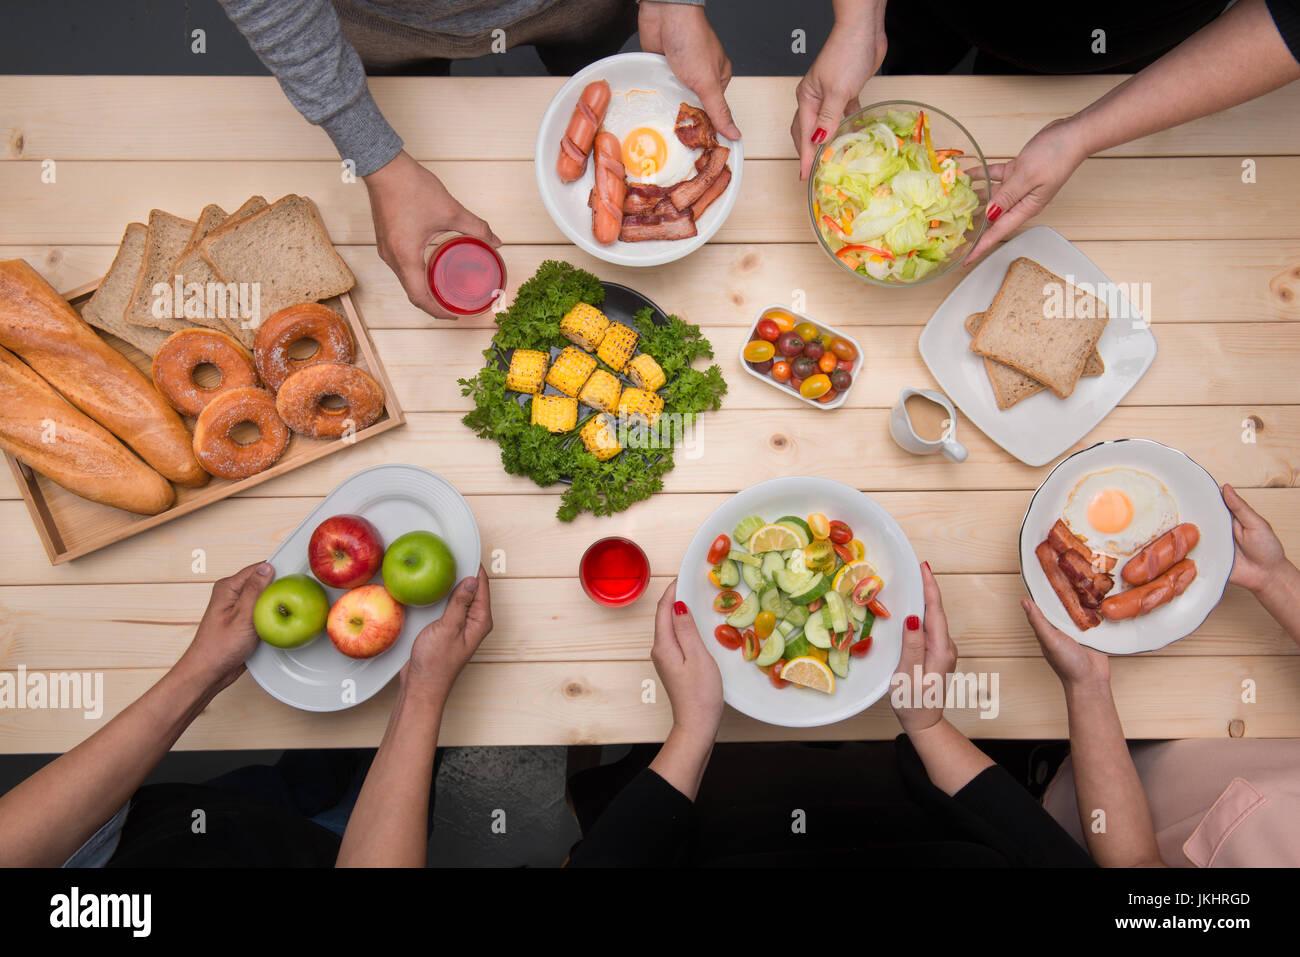 Abendessen mit Freunden genießen.  Draufsicht der Gruppe von Menschen, die Abendessen zusammen beim Sitzen Stockbild